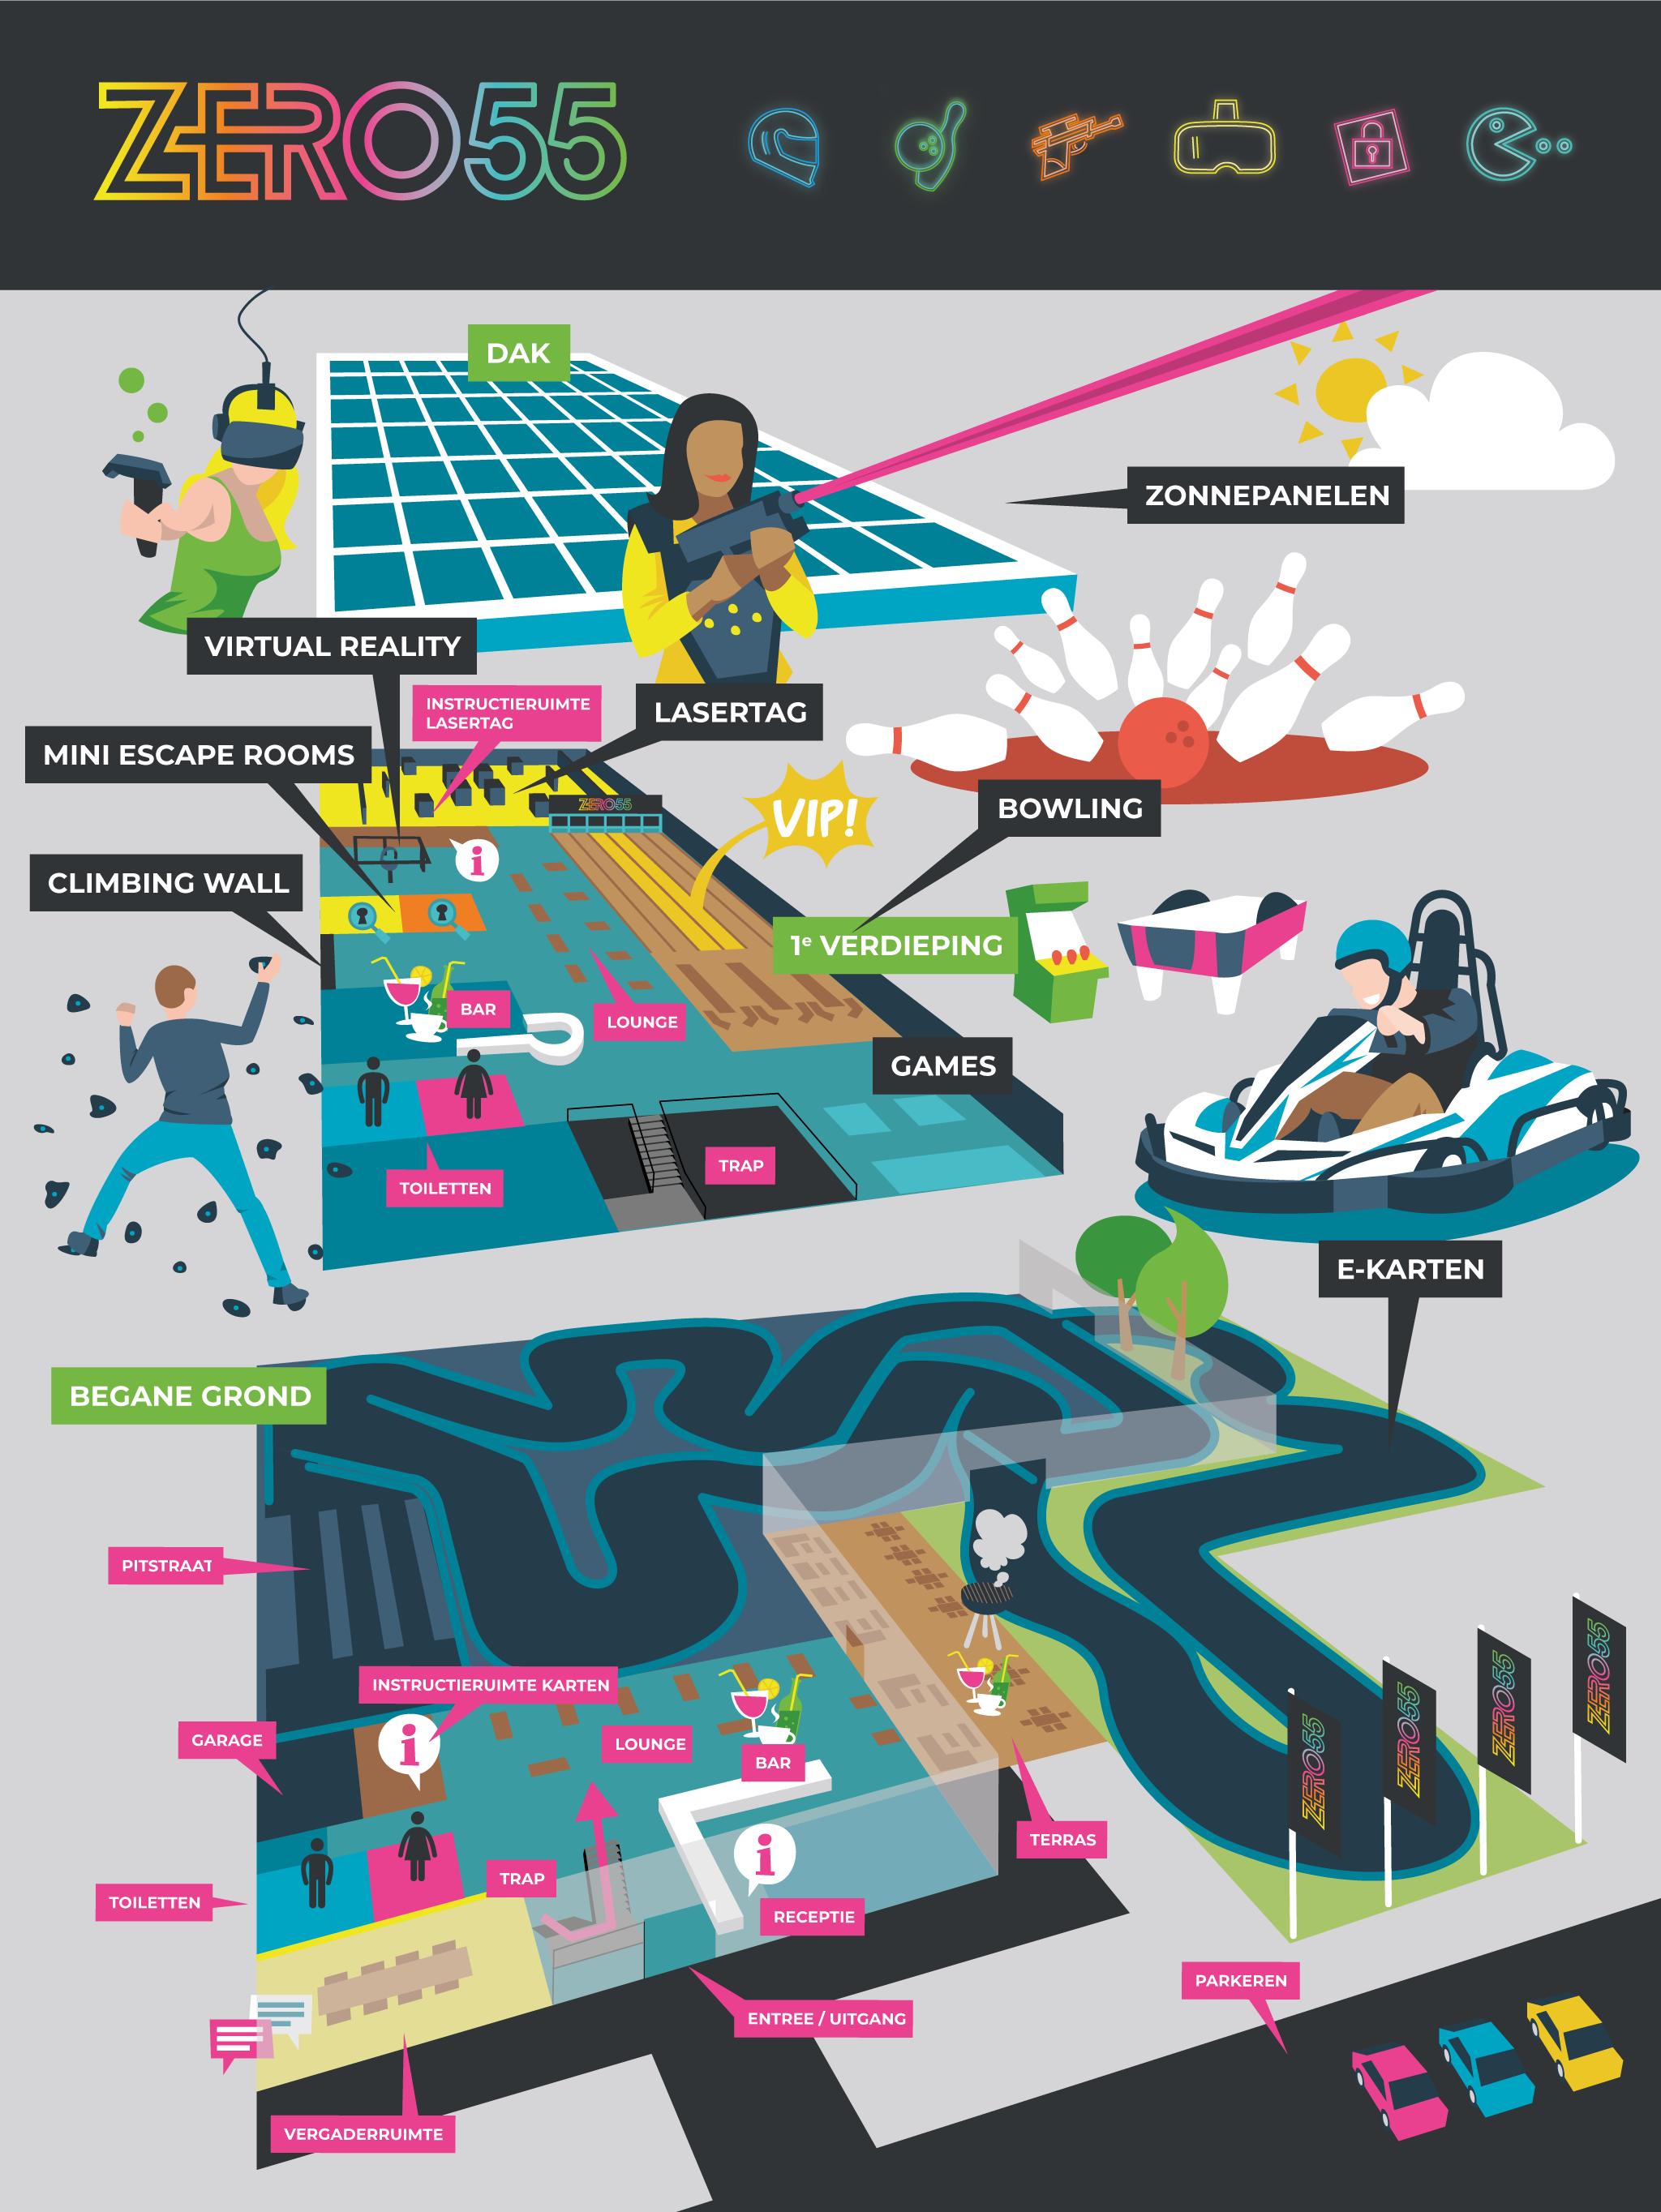 Bekijk alle activiteiten op de 3D plattegrond van ZERO55 Apeldoorn